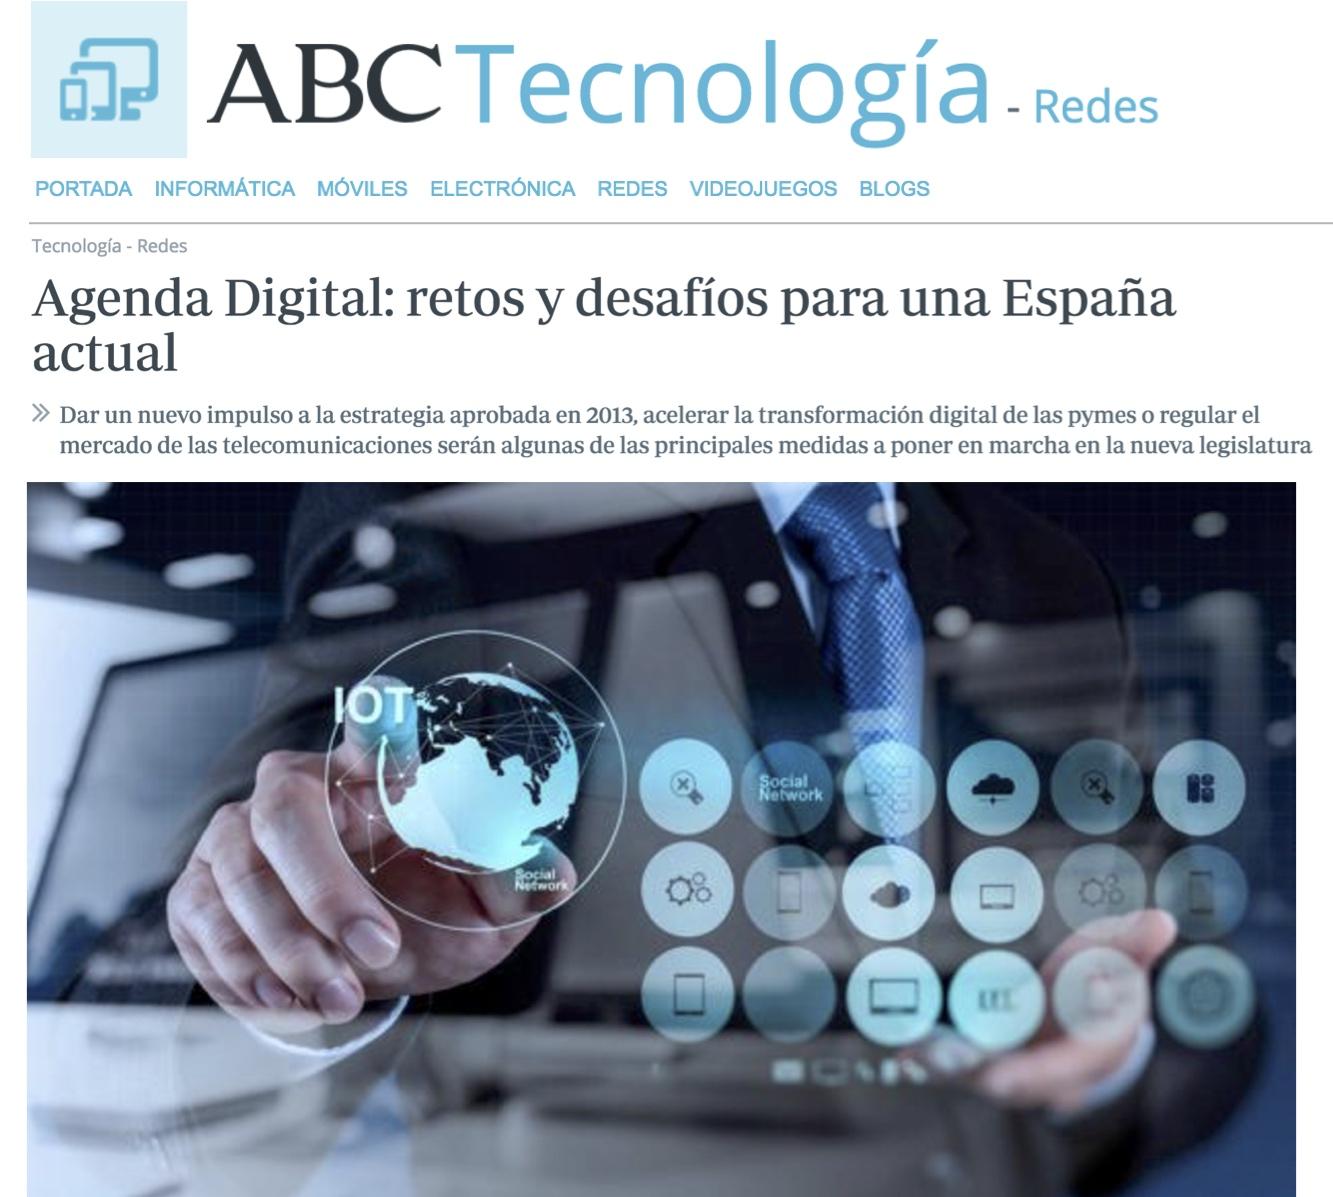 Agenda Digital: retos y desafíos para una España actual - ABC